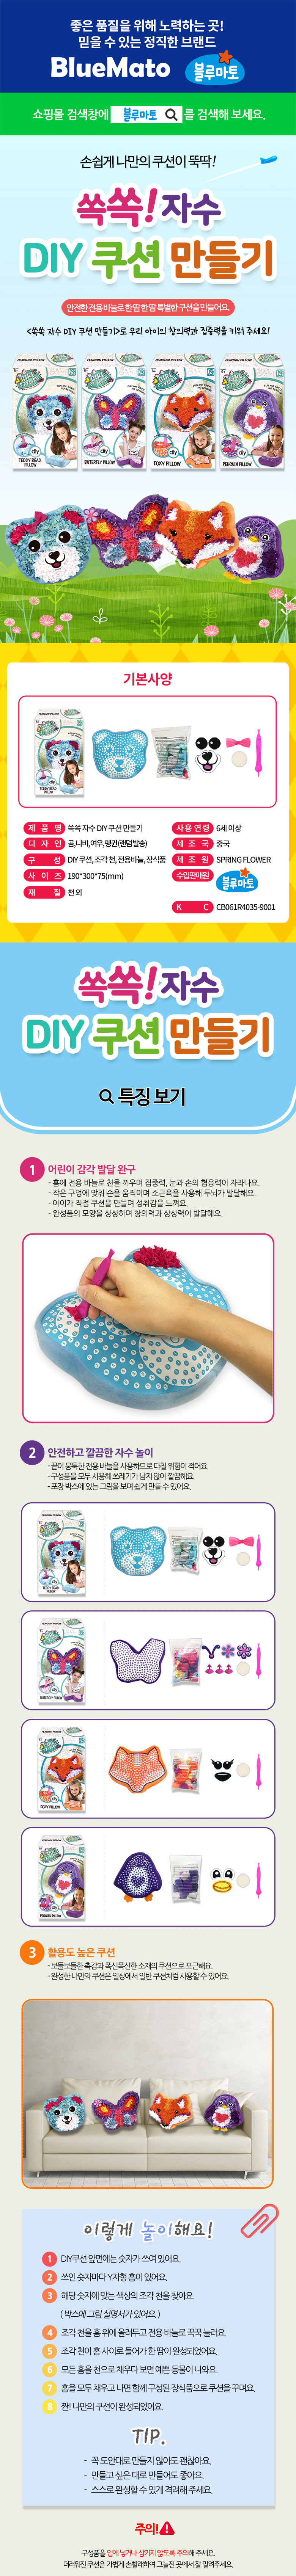 쏙쏙 자수 DIY 쿠션 만들기-랜덤발송 - 블루마토, 16,060원, 펠트공예, 펠트인형 패키지